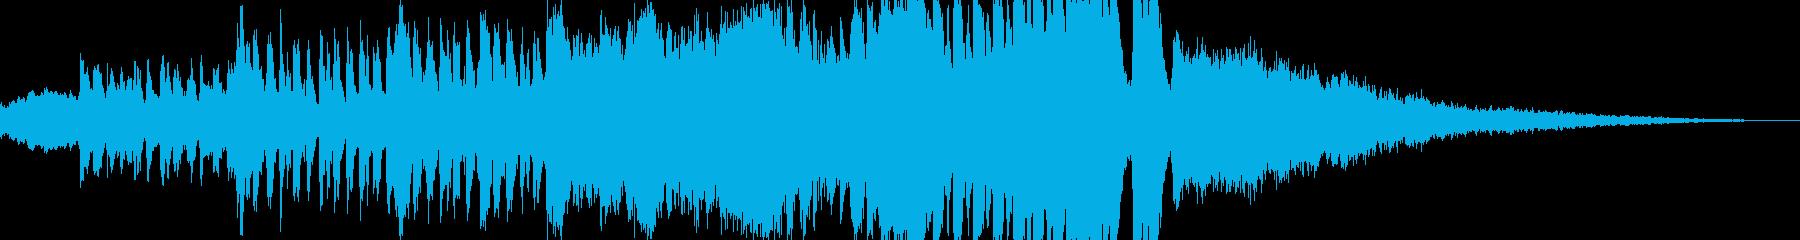 荒々しく迫力のあるオーケストラの再生済みの波形